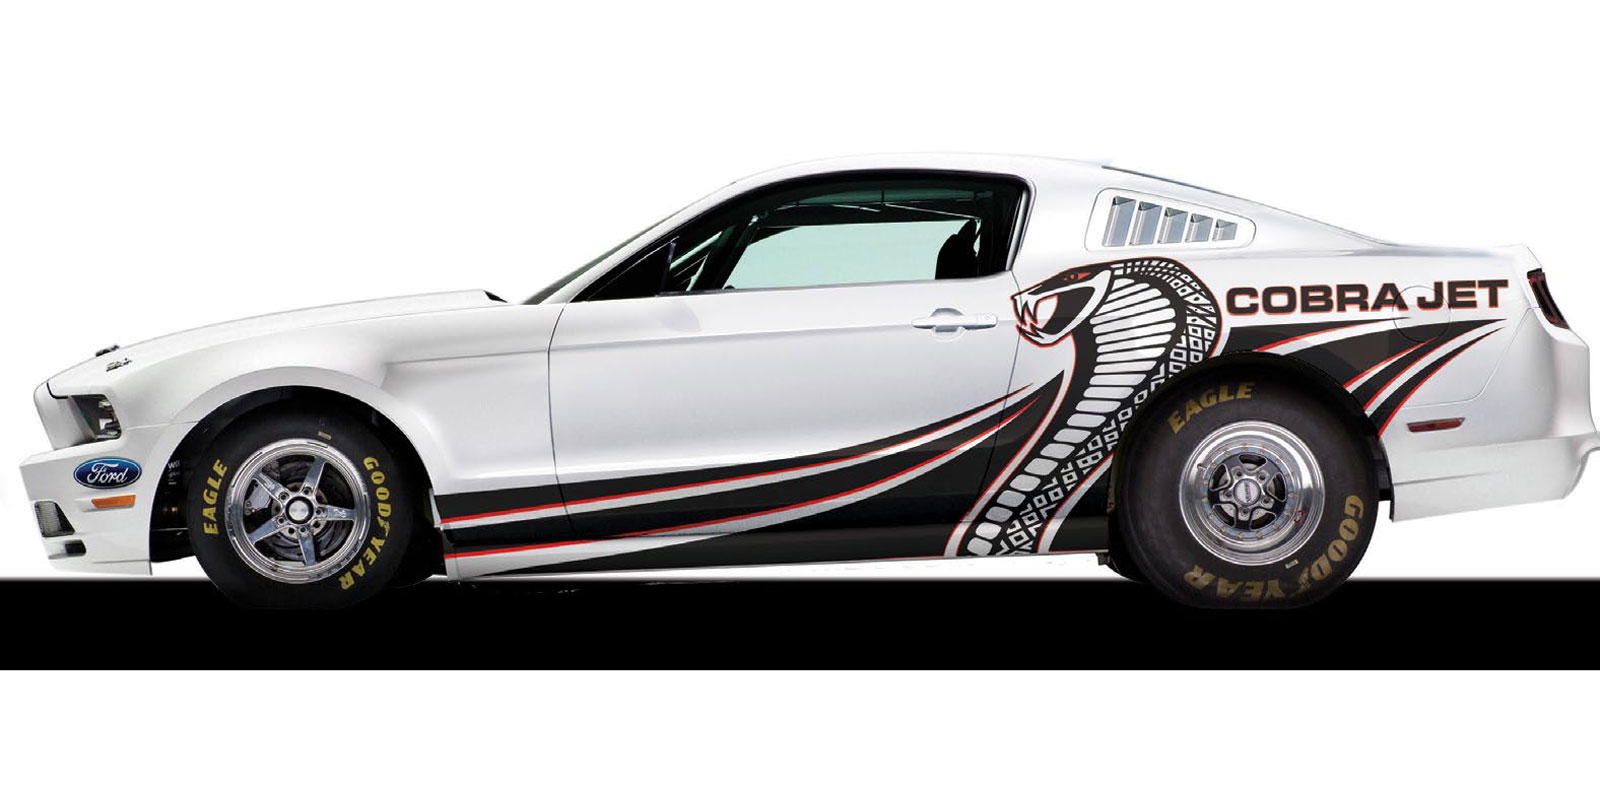 Ford Mustang Cobra Jet 2018 : 8 secondes sur le quart de mile